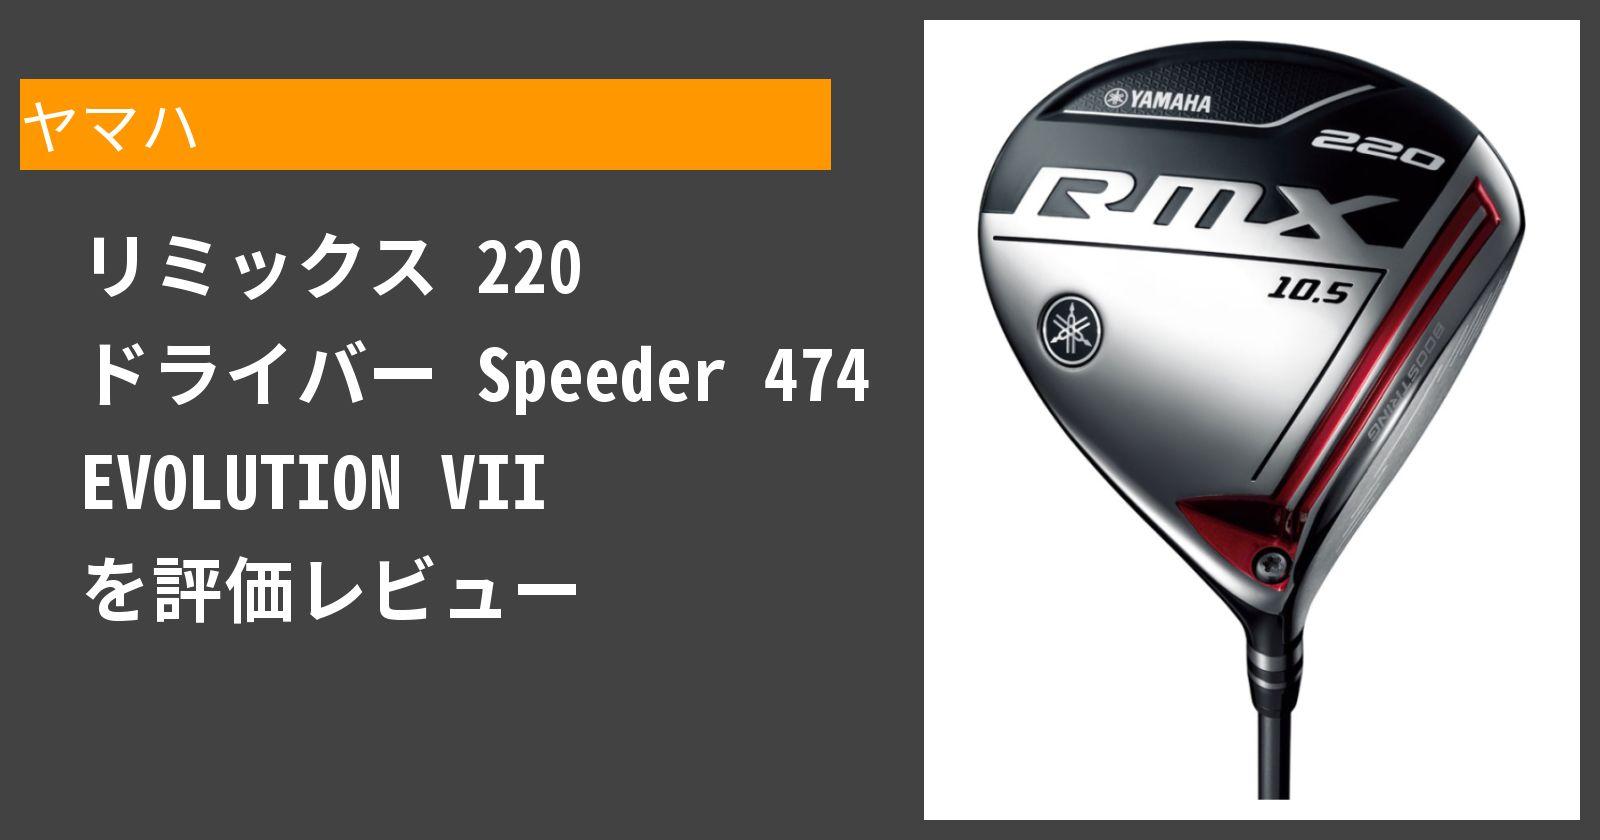 リミックス 220 ドライバー Speeder 474 EVOLUTION VIIを徹底評価